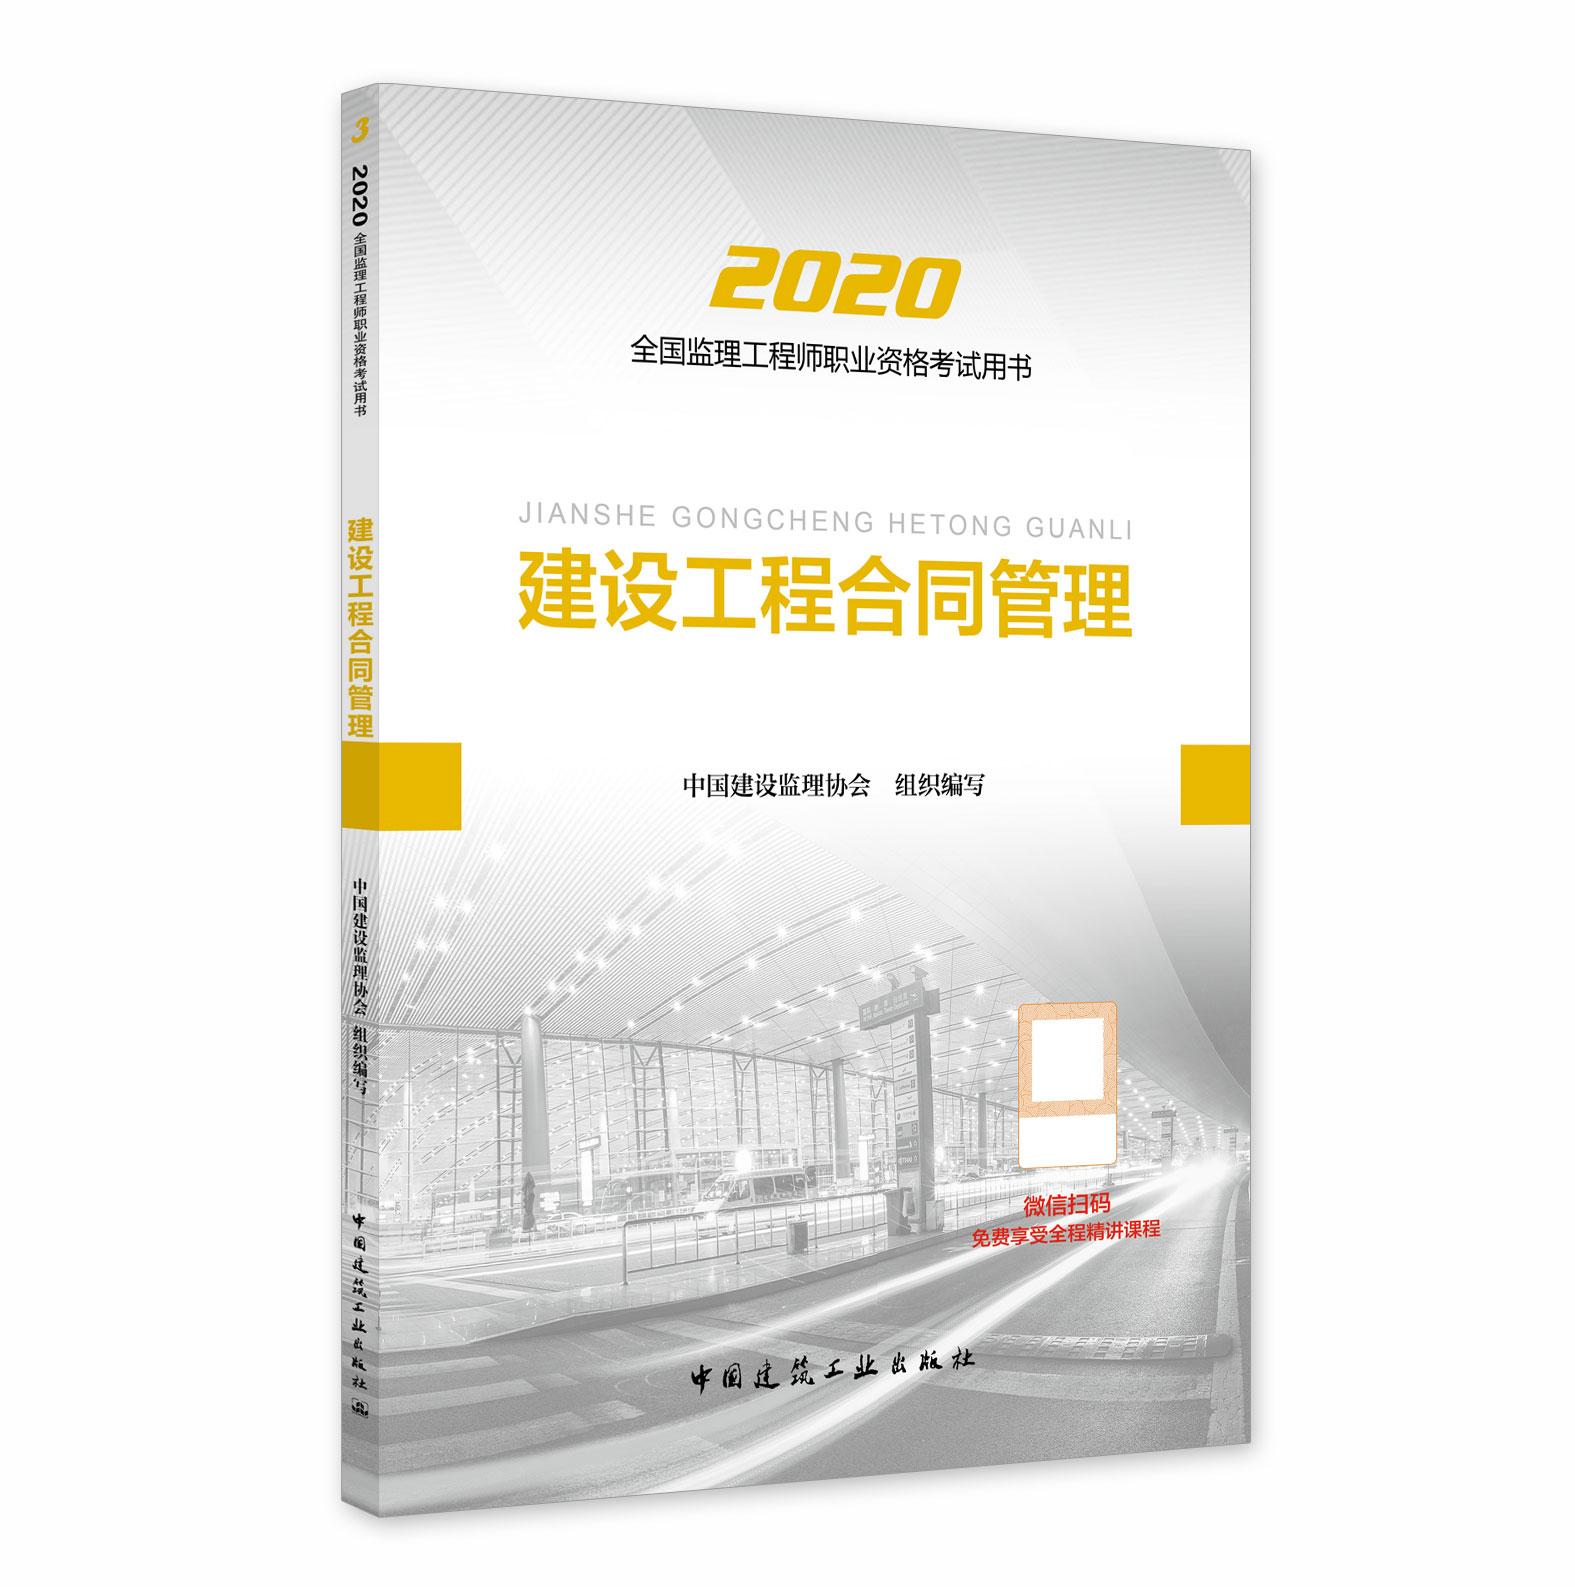 2020年全国监理工程师培训考试教材 建设工程合同管理